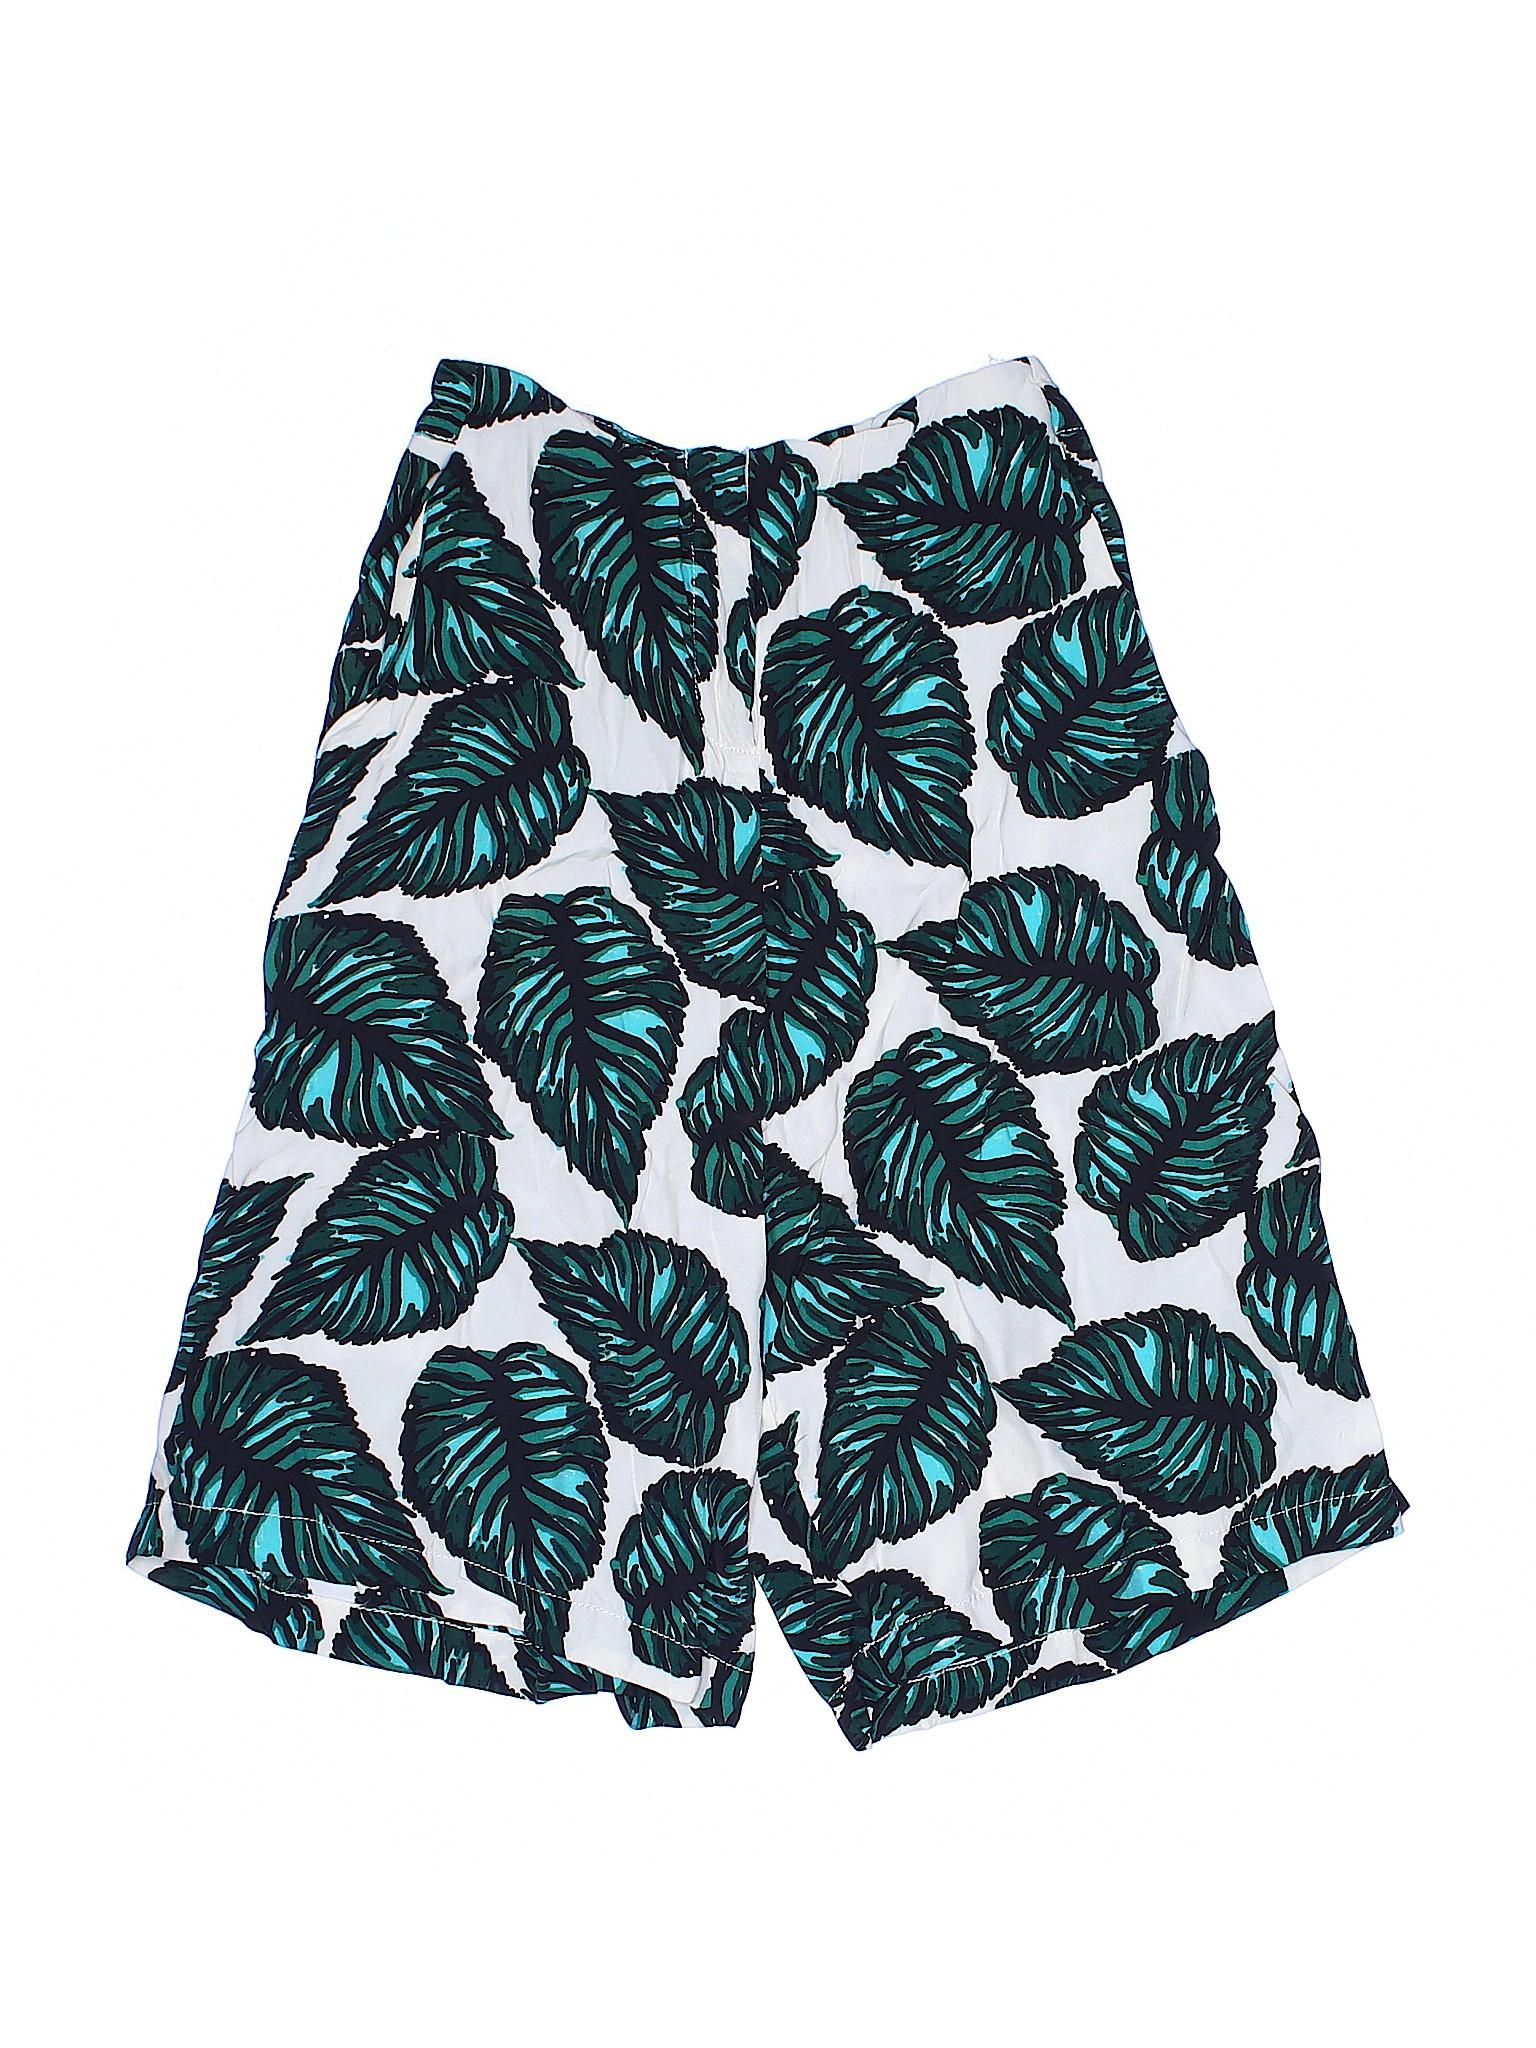 Shorts Boutique Topshop Topshop Boutique xzc0pXZ